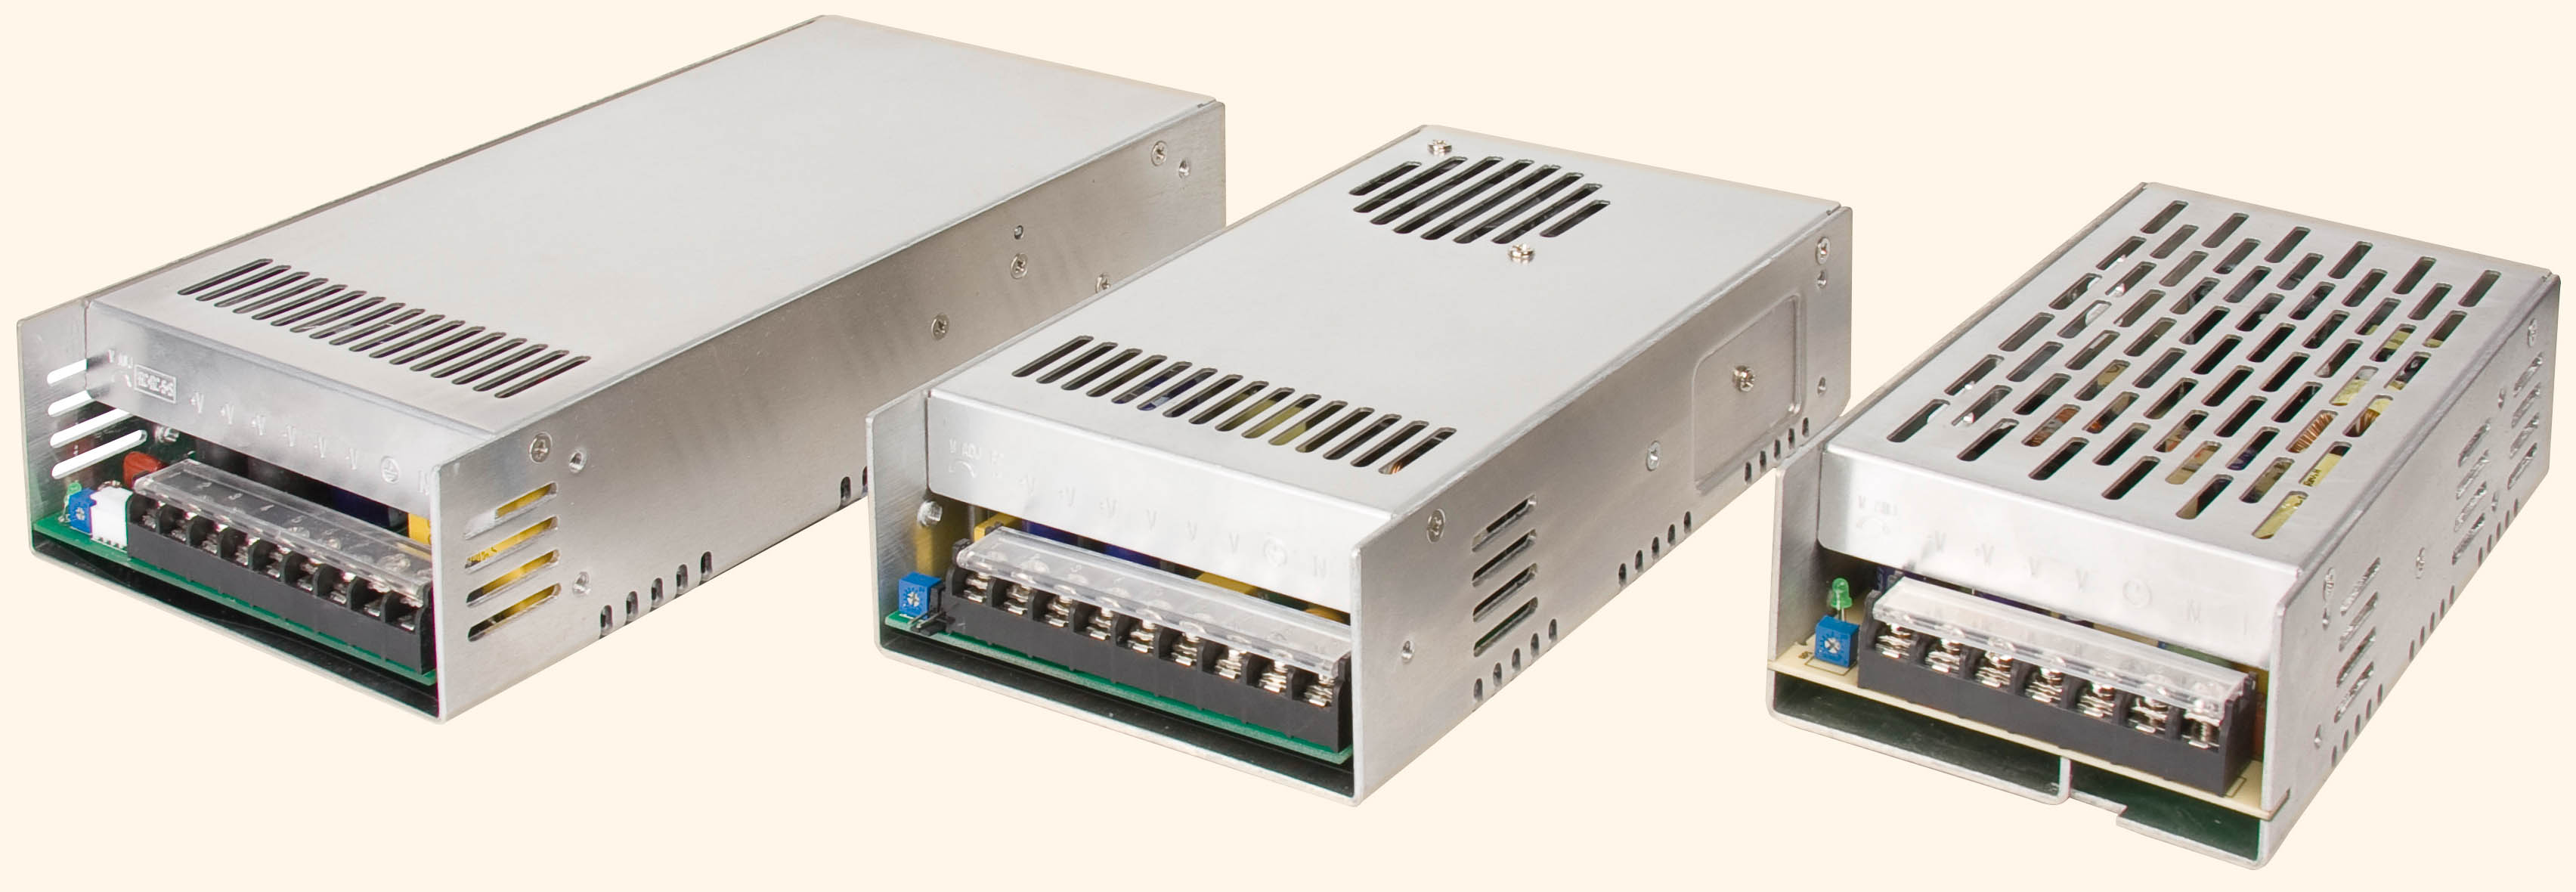 Недорогие корпусированные источники питания AC/DC для промышленных применений